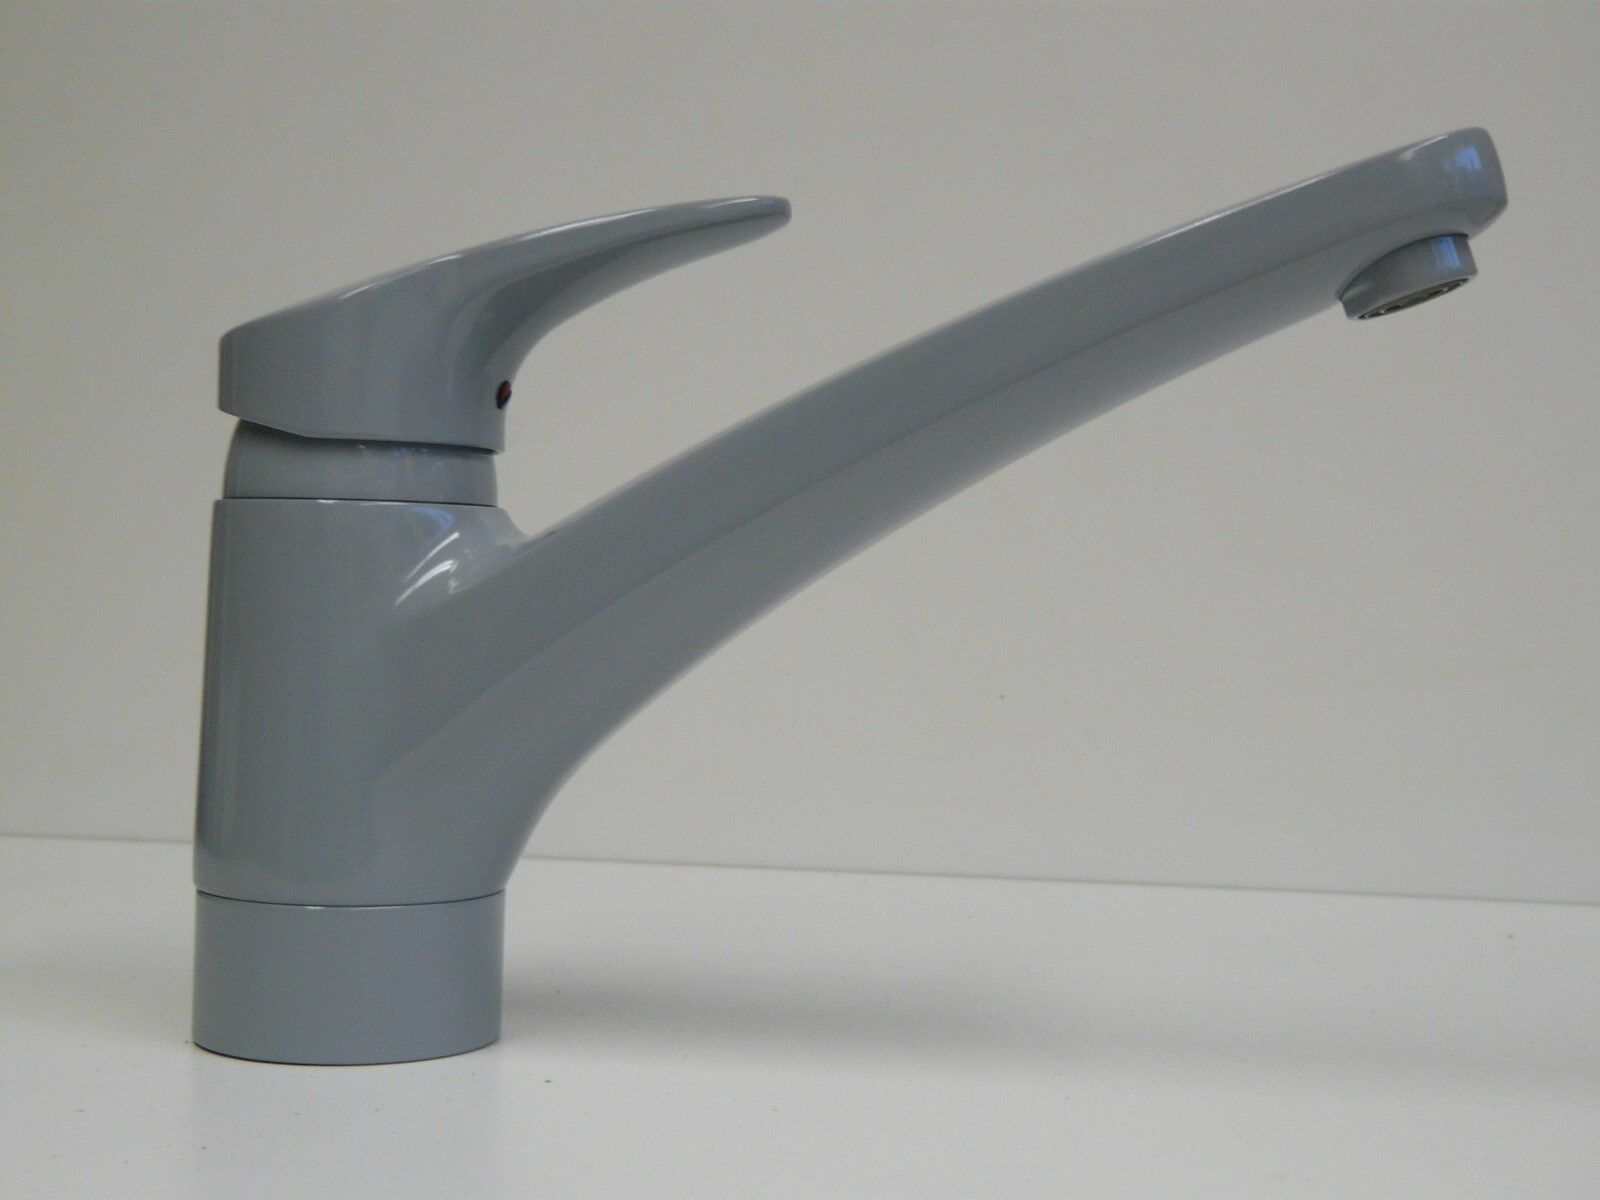 Küchenarmatur Grau (RAL 7001), Einhebelmischer, Spültischarmatur, Spüle